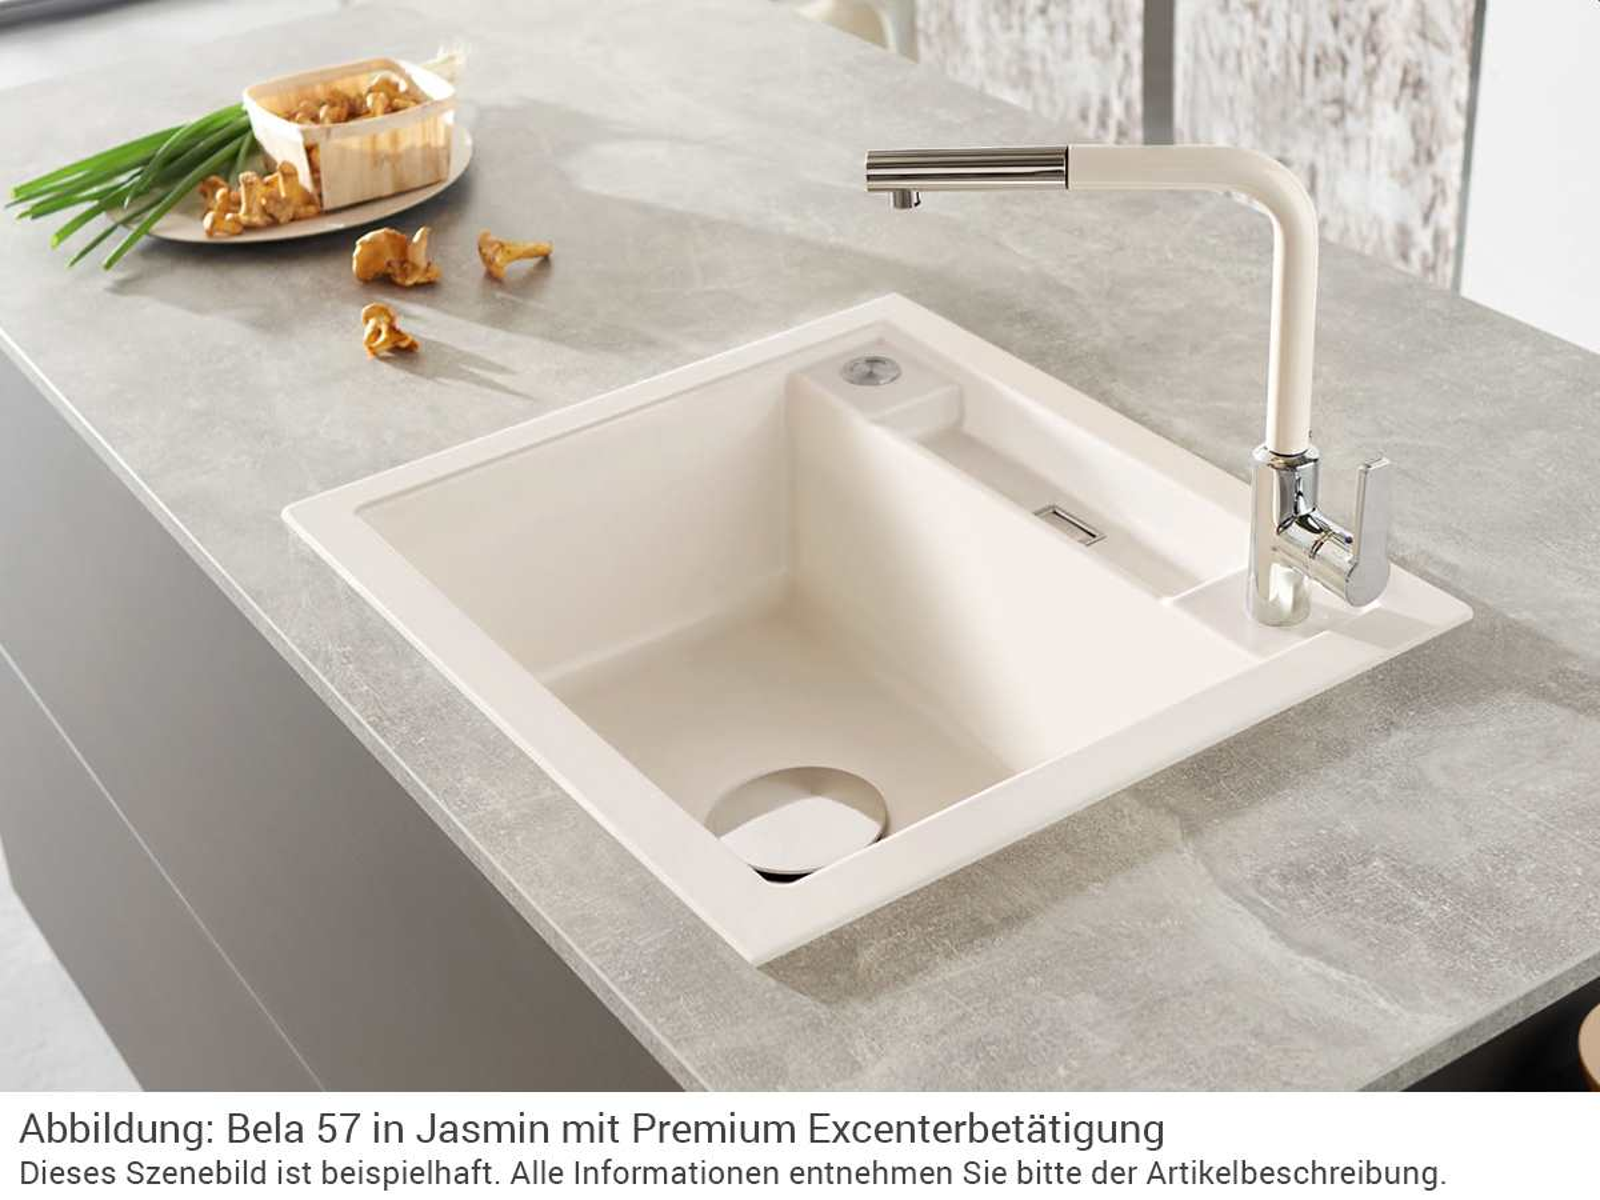 Systemceram Premium Excenterbetätigung Edelstahl 0871